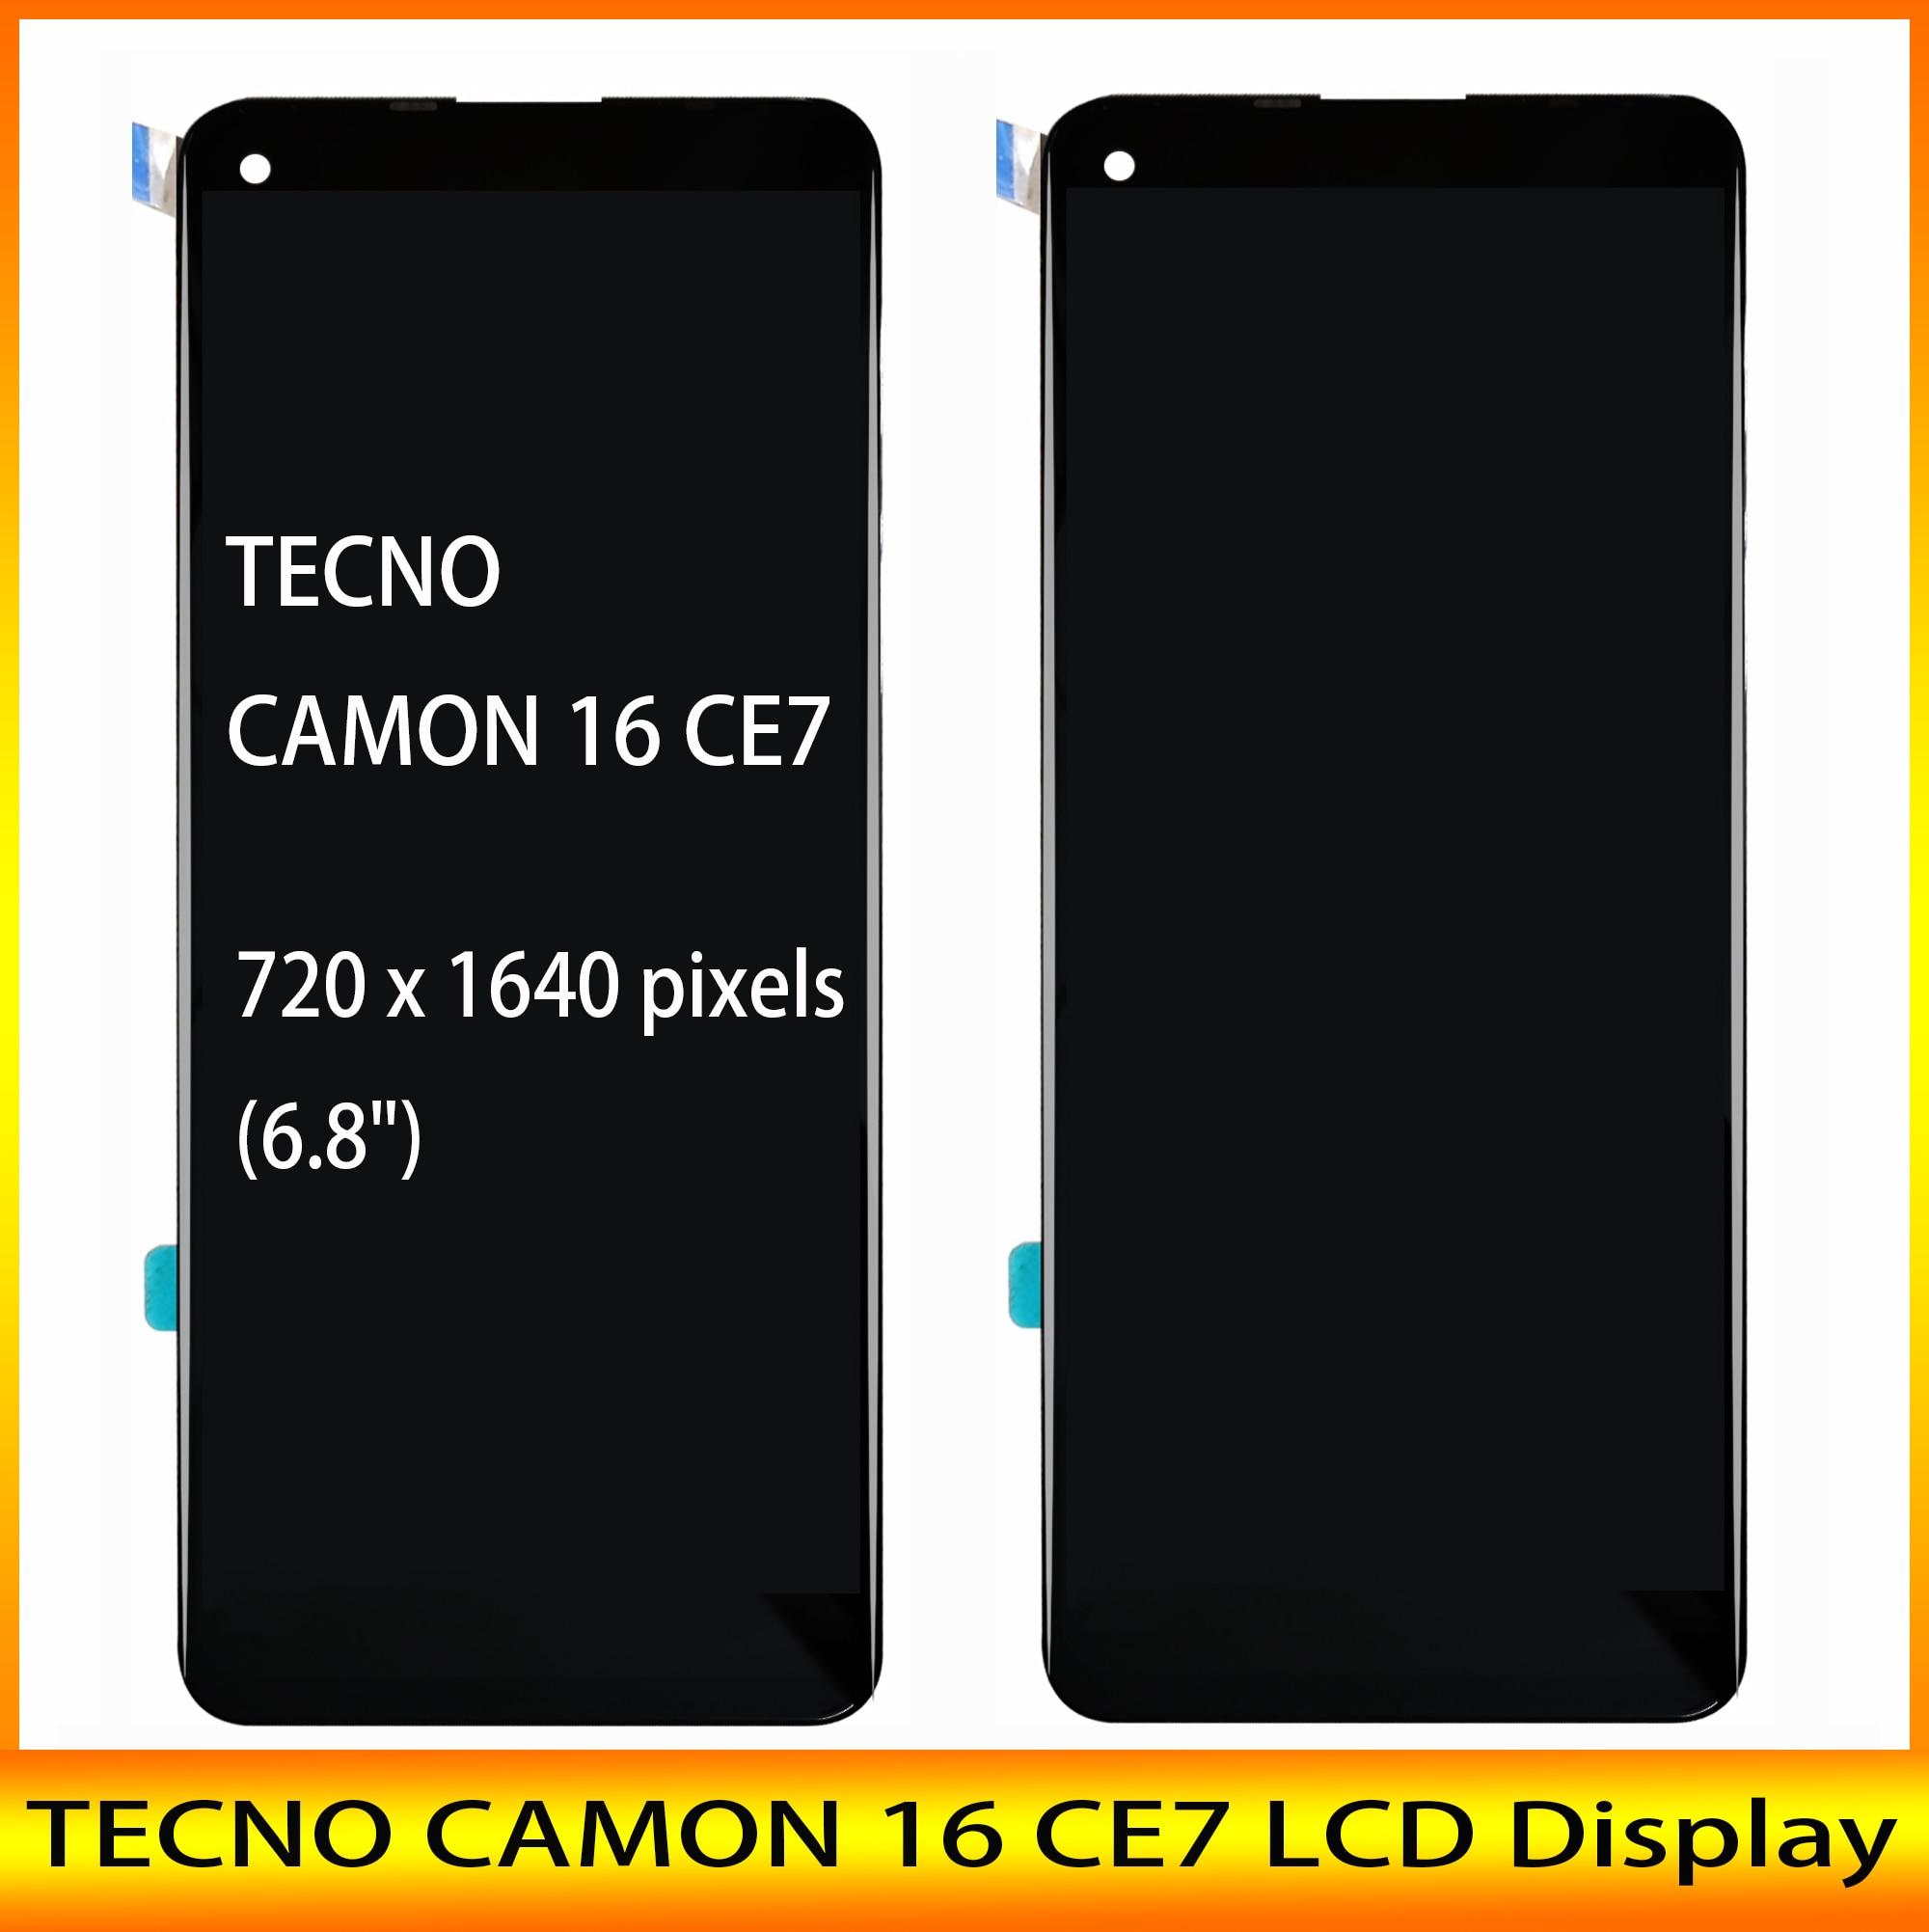 جديد 6.8 بوصة LCD ل TECNO CAMON 16 CE7 / 16 SE شاشة الكريستال السائل + شاشة تعمل باللمس digizpeter الجمعية مع أدوات